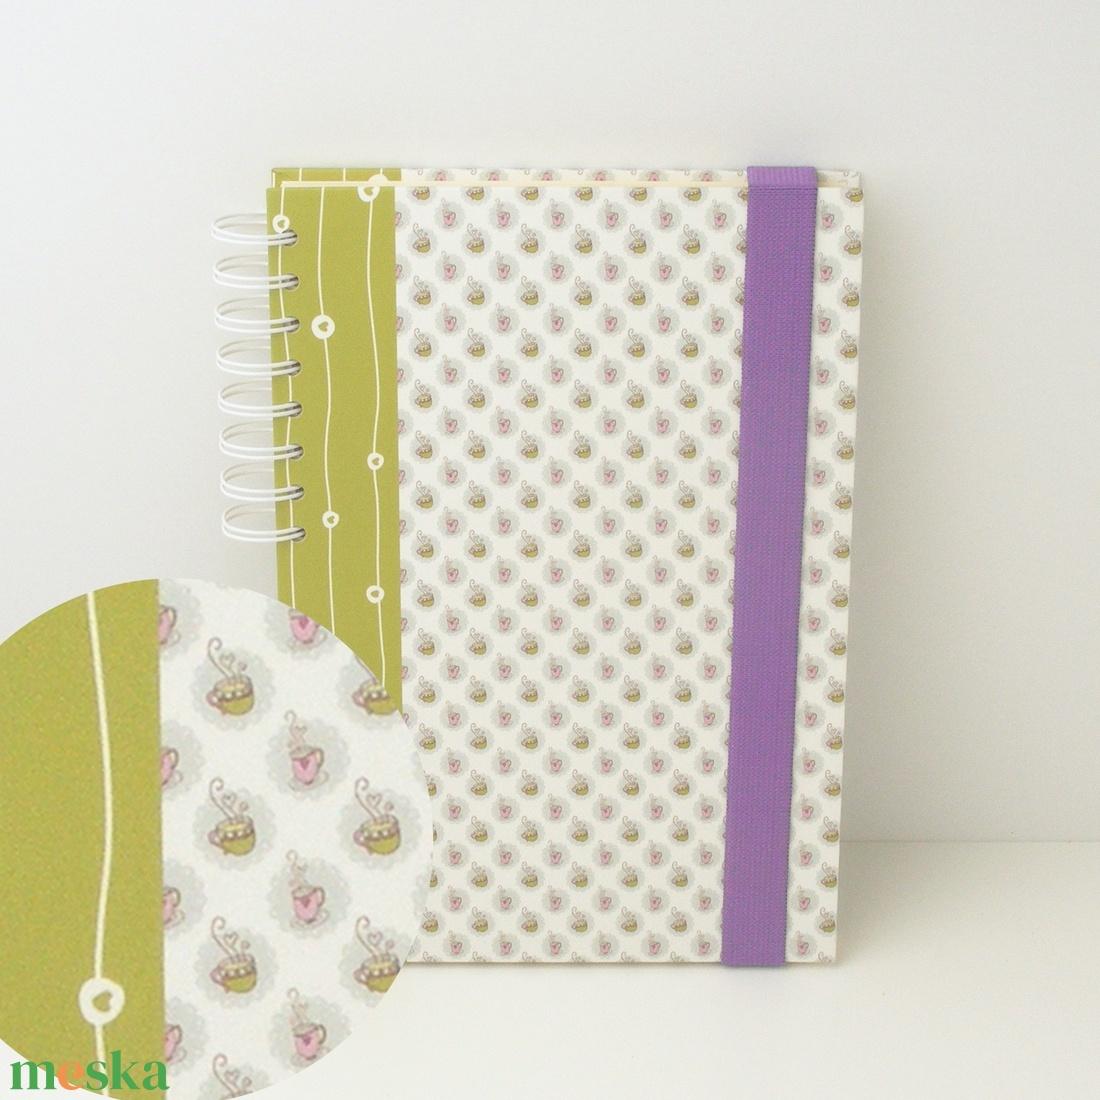 Teázós (csészék és szívecskék) spirálfüzet zöld és rózsaszín kemény borítóval, spirálozott jegyzetfüzet lila gumival - otthon & lakás - papír írószer - jegyzetfüzet & napló - Meska.hu